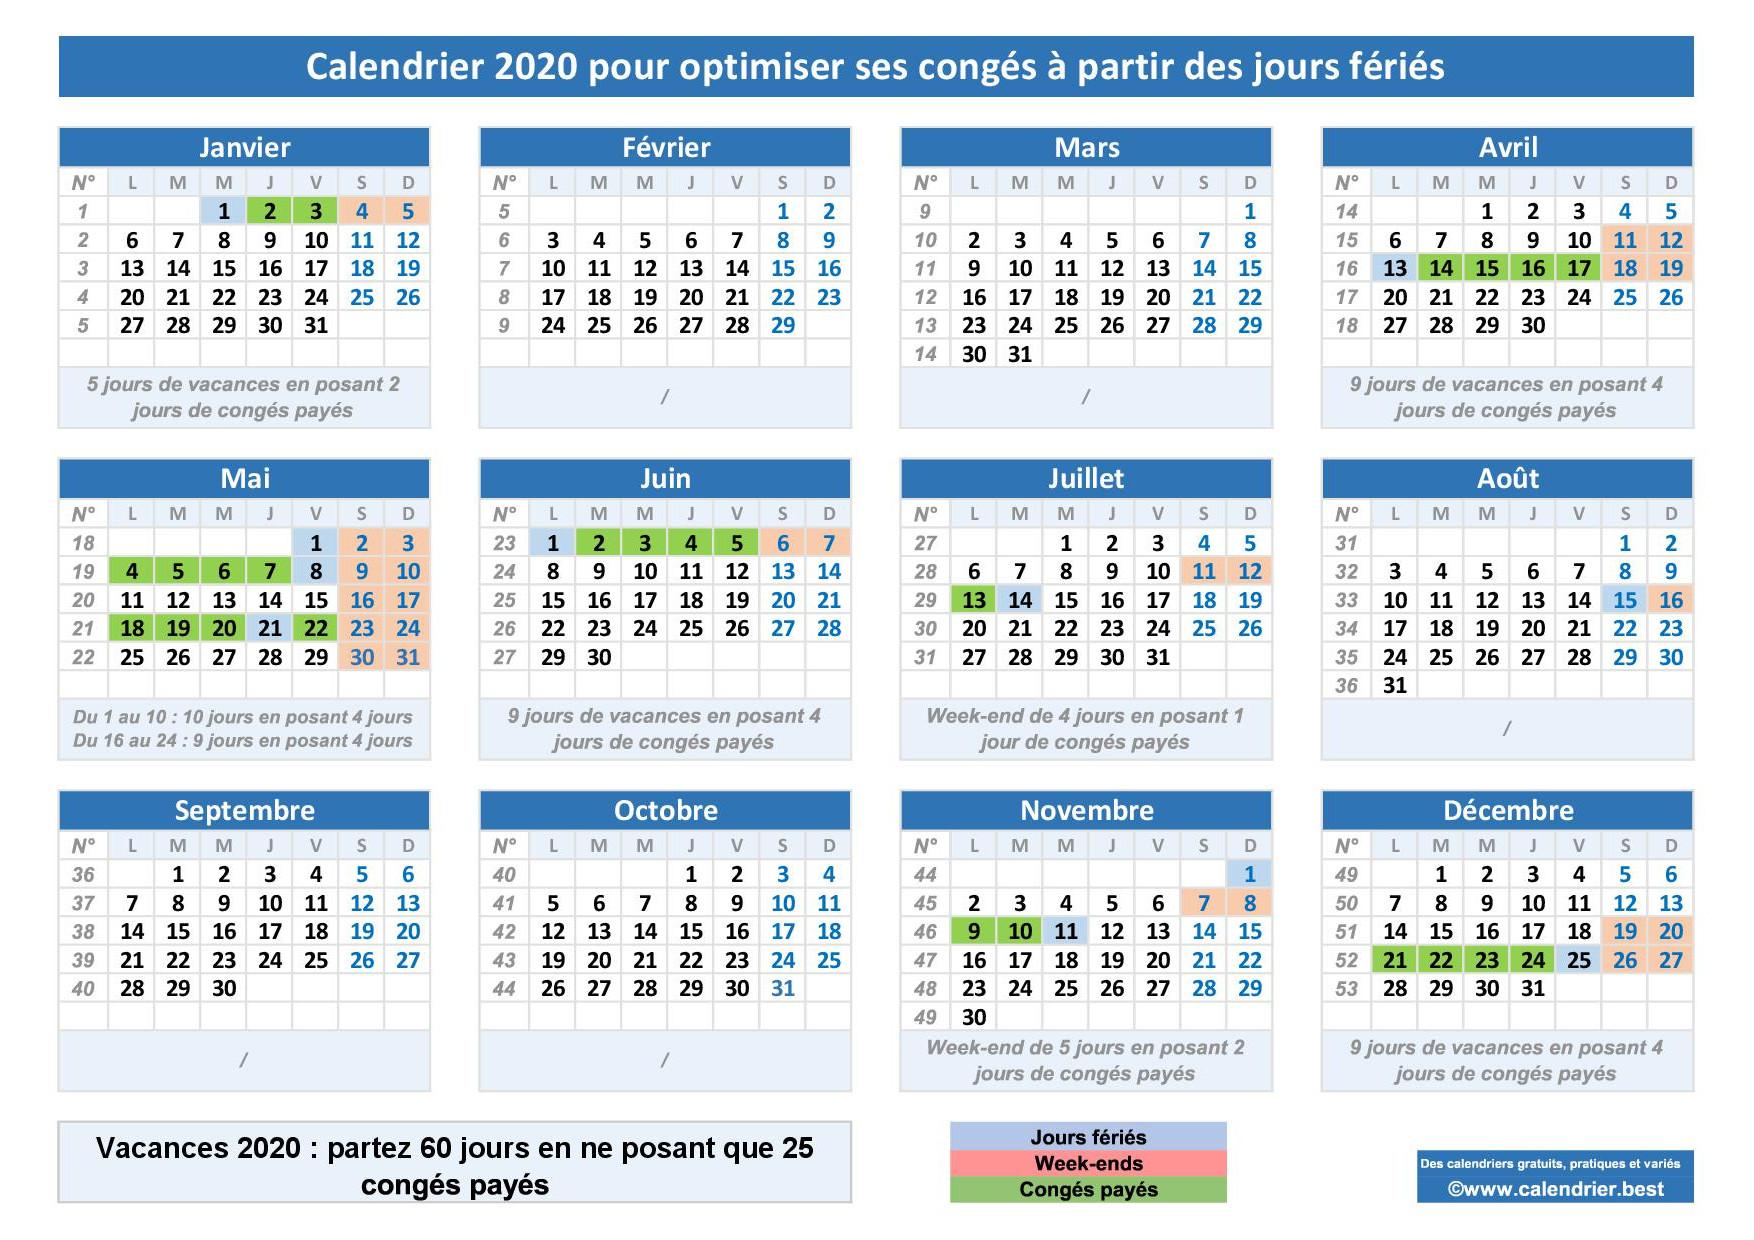 Calendrier 2020 pour optimiser ses congés